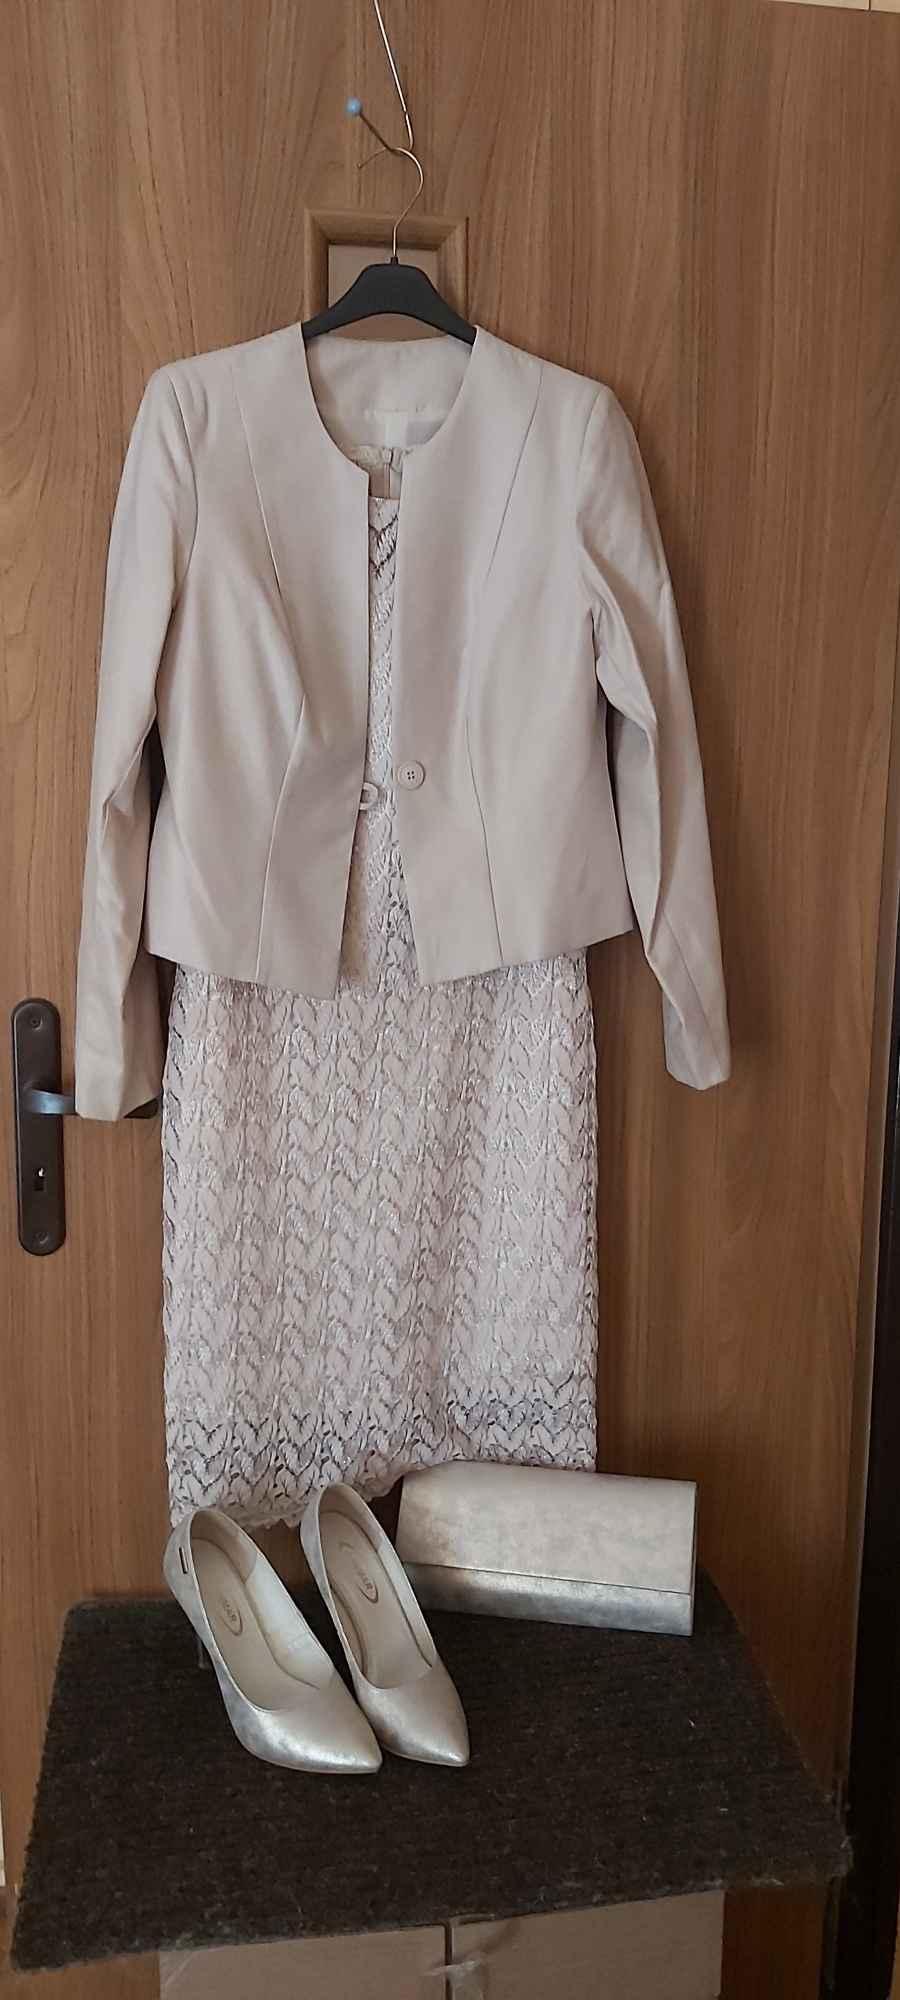 Ubrania -Sukienki Częstochowa - zdjęcie 1